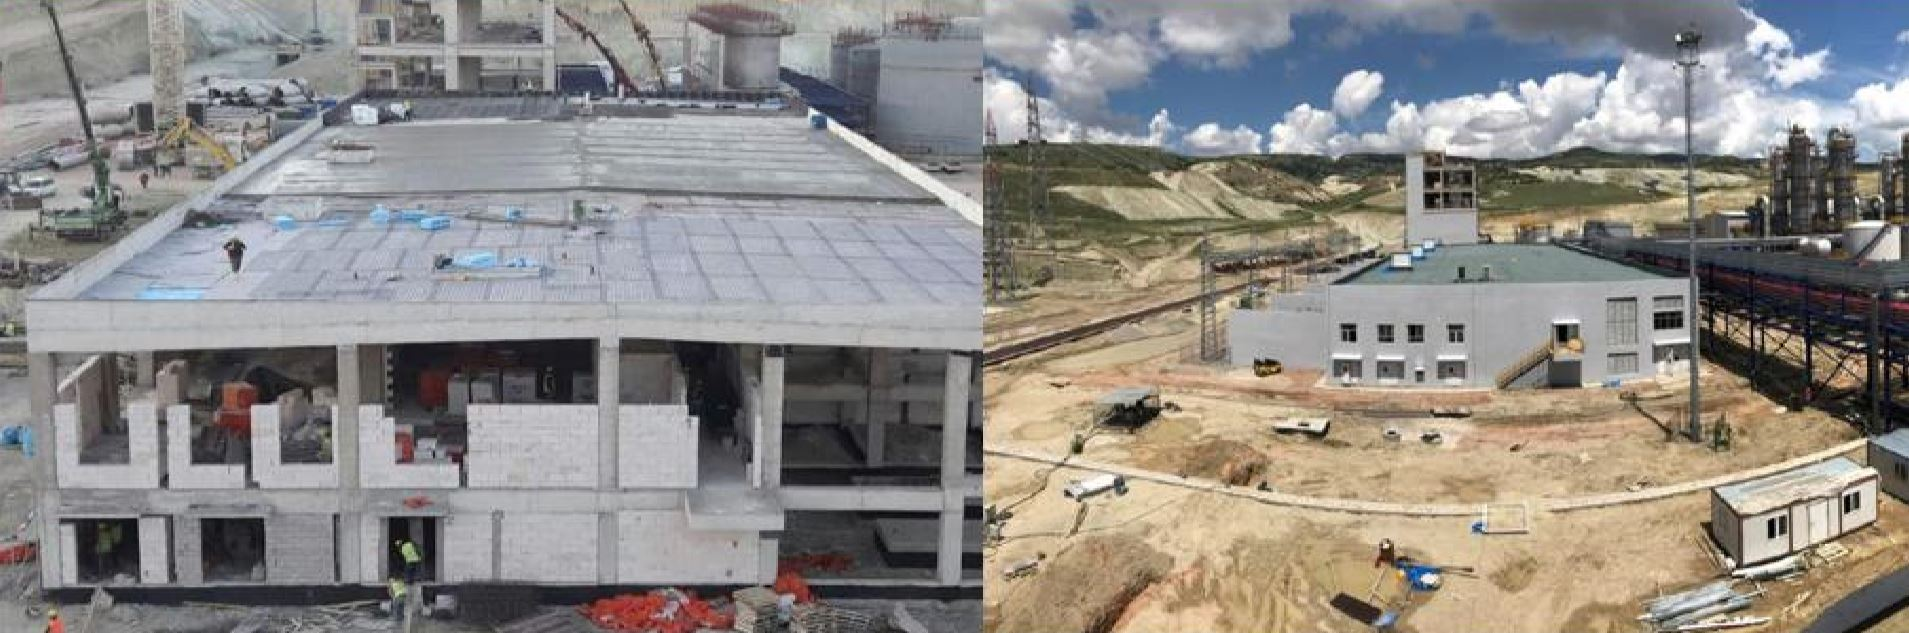 Kazan Soda Külü Tesisleri Trafo & Enerji Tesisi İnşaatı